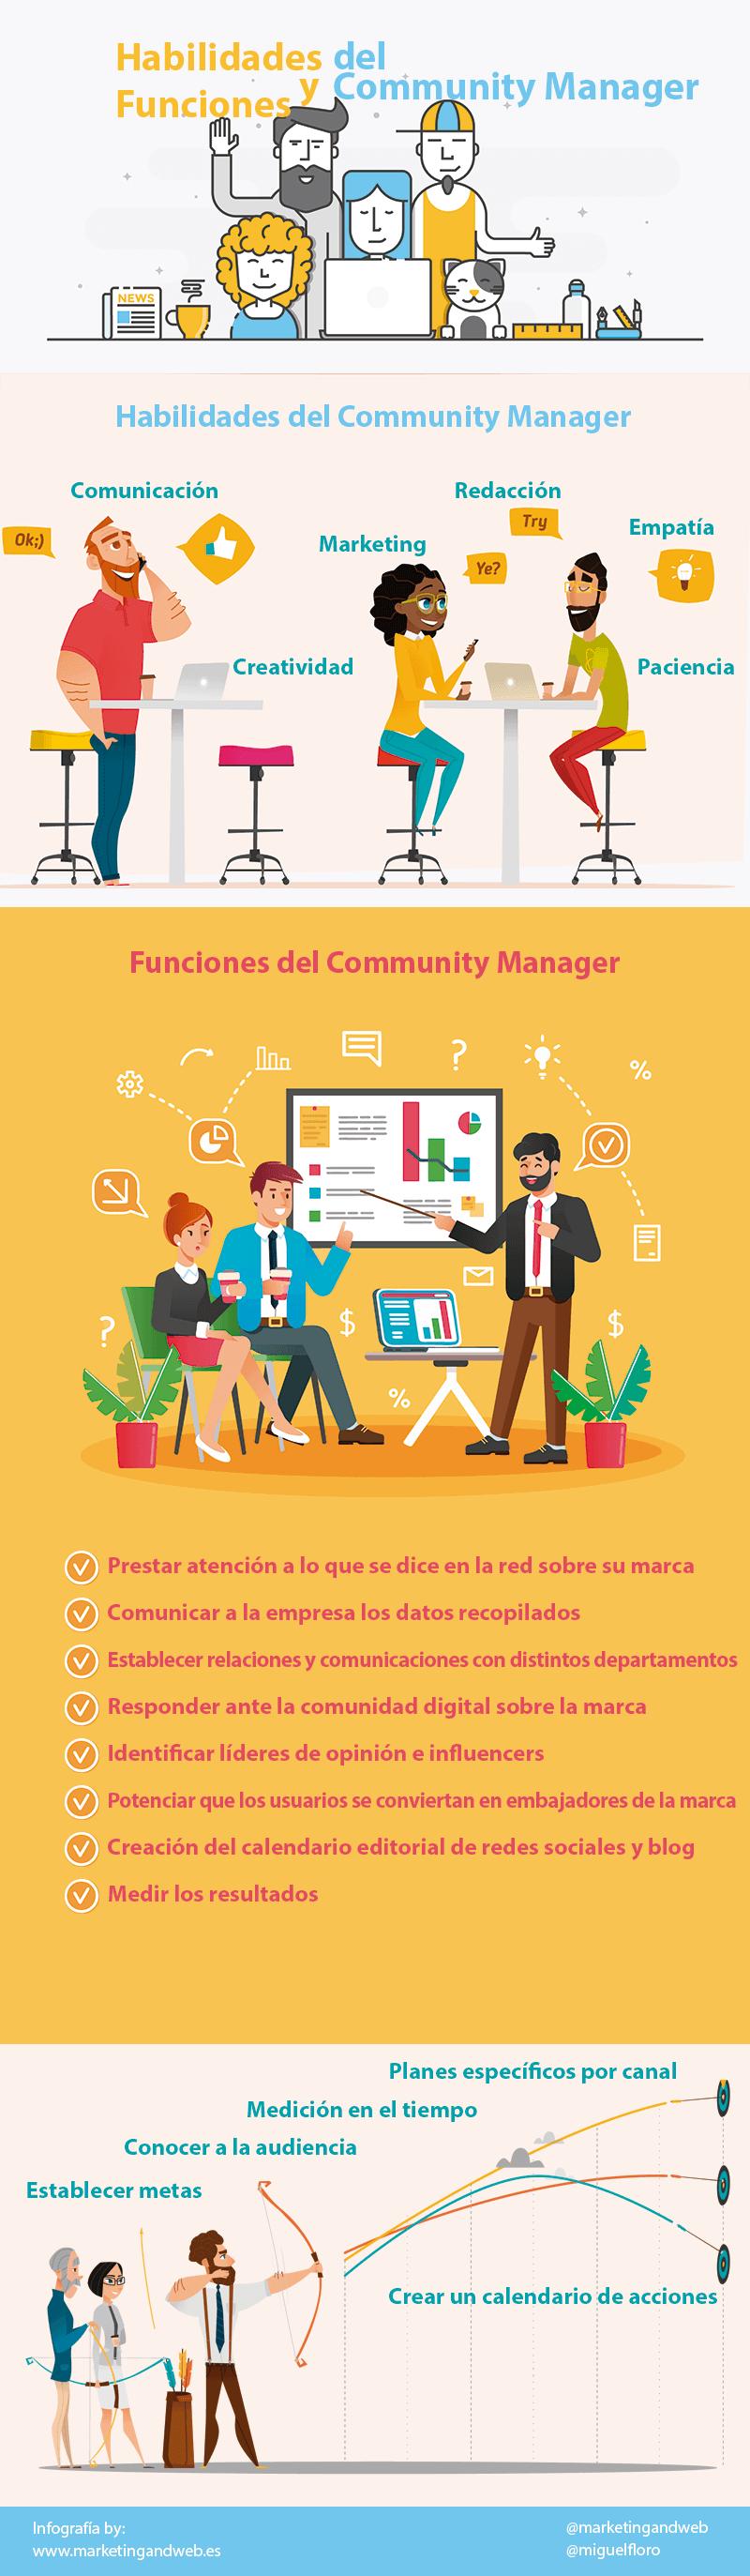 Habilidades y funciones del Community Manager